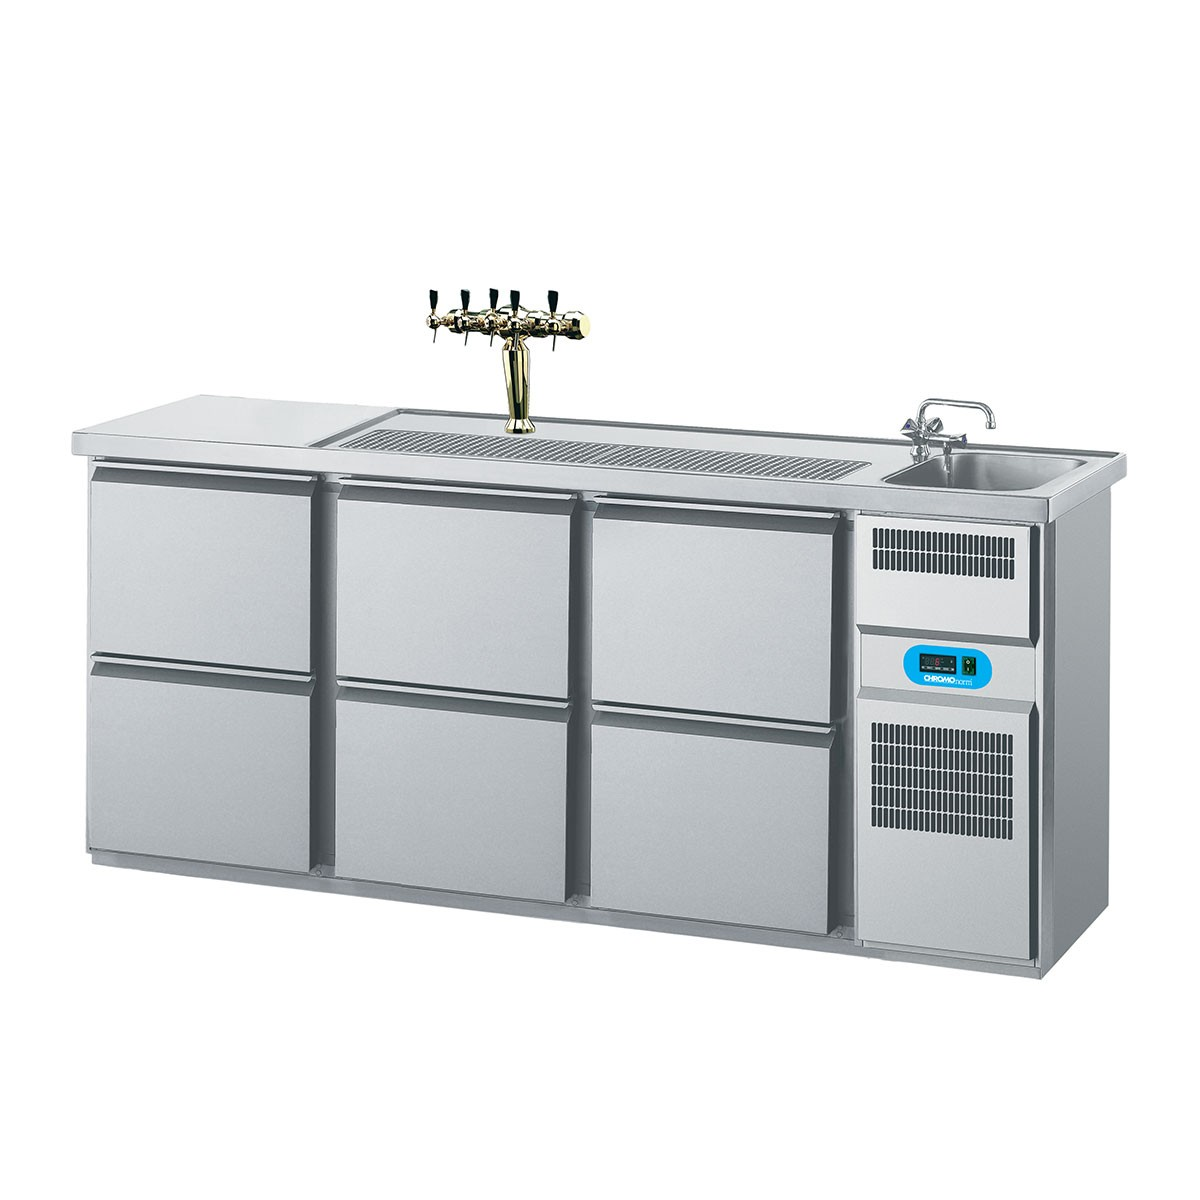 Getränketheke mit 1 Becken rechts, 6 Schubladen 2100 x 700mm CGTM731R81-2/2/2 Biertheke Chromonorm